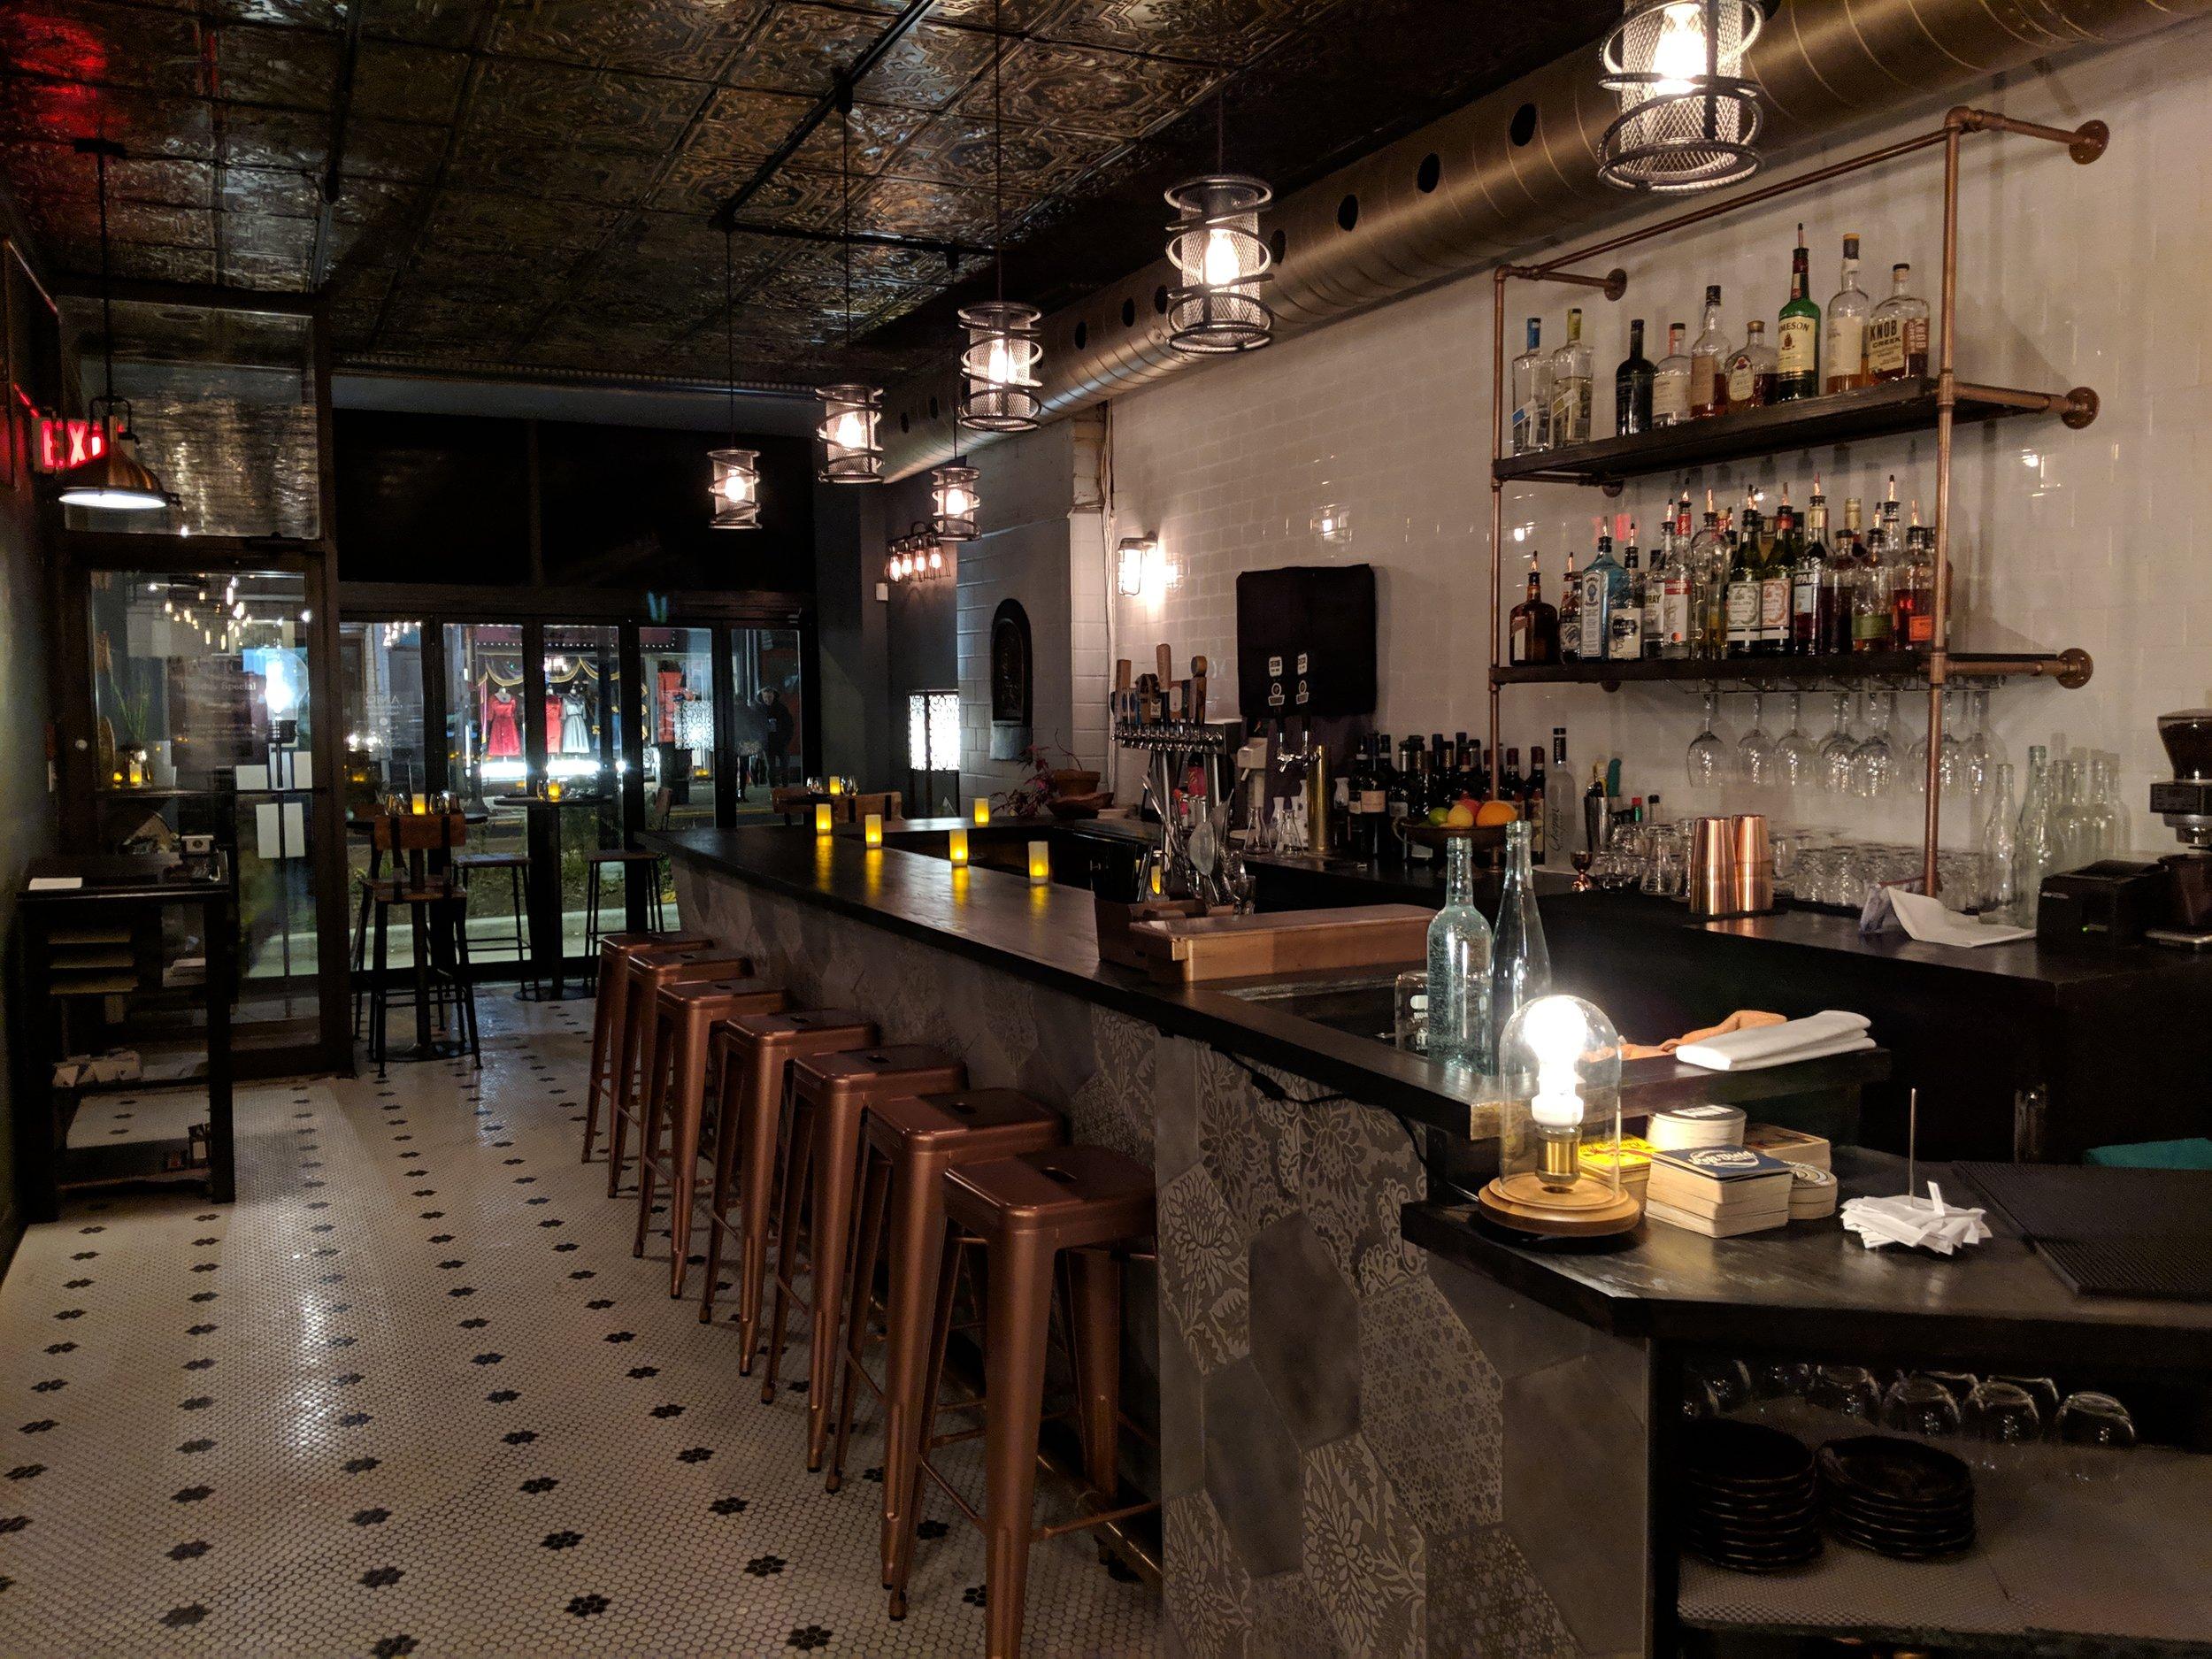 Aniq's Bar